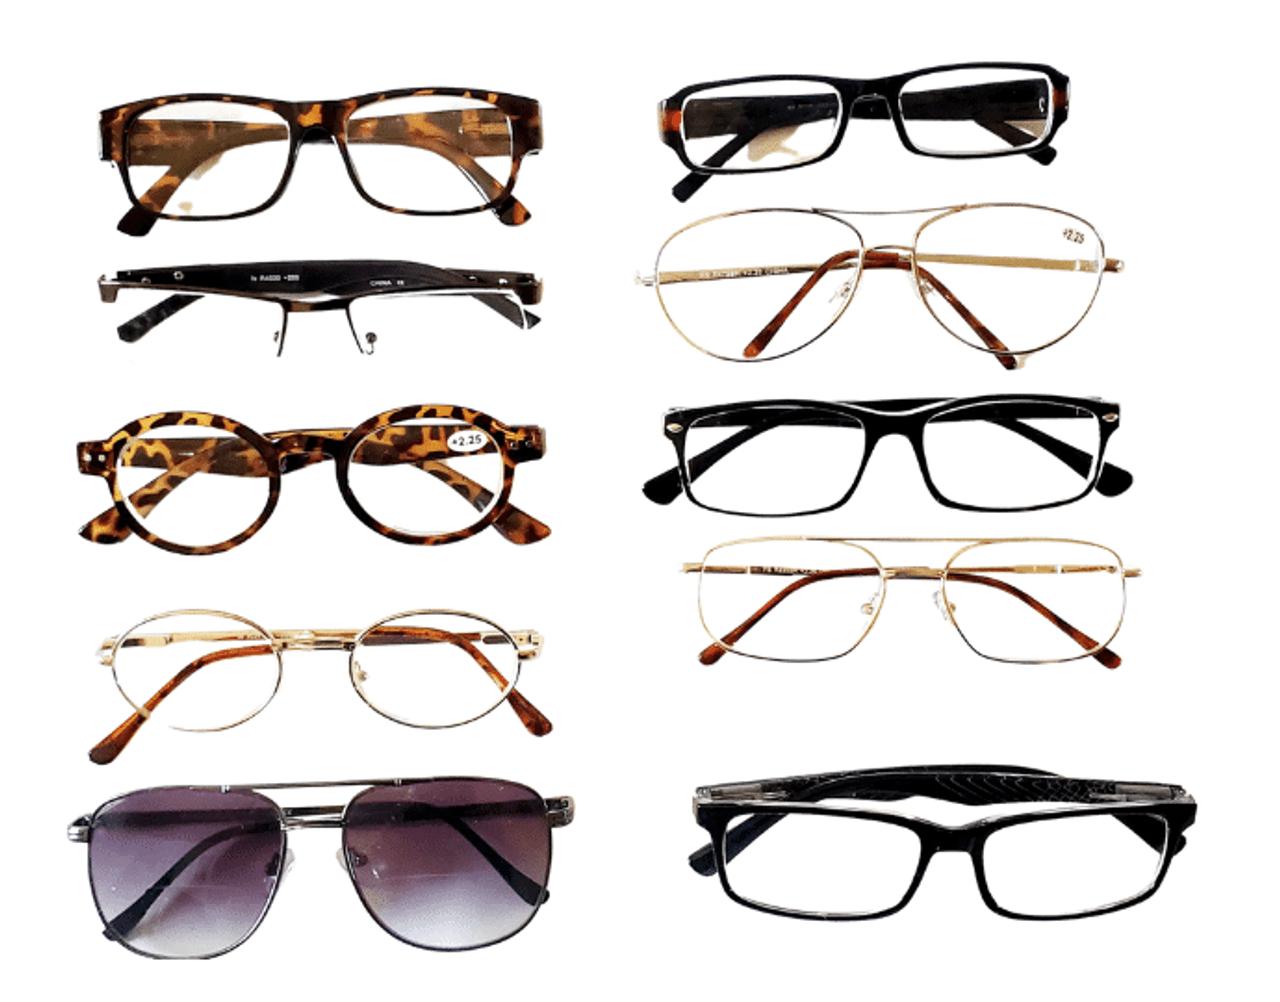 Assorted Reading Glasses for Men